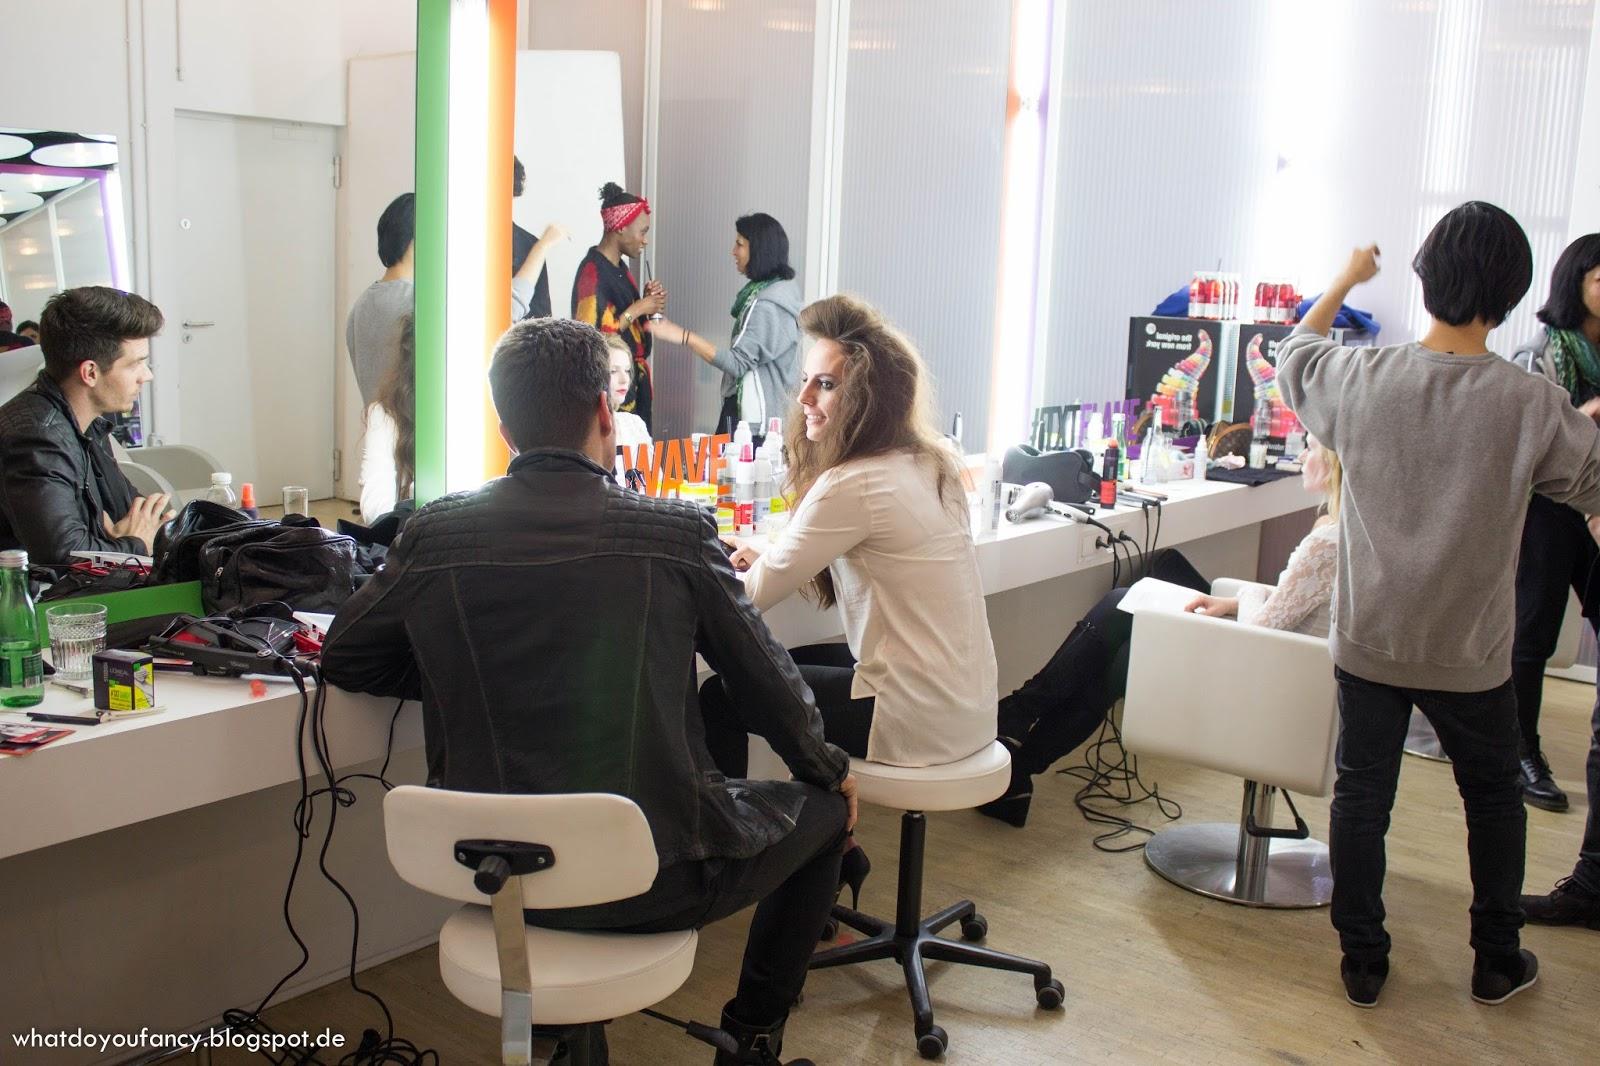 L'Oréal lud zum Launch der neuen Studio Line #TXT-Produkte + App #TXTMYSTYLE ein_Schminkraum